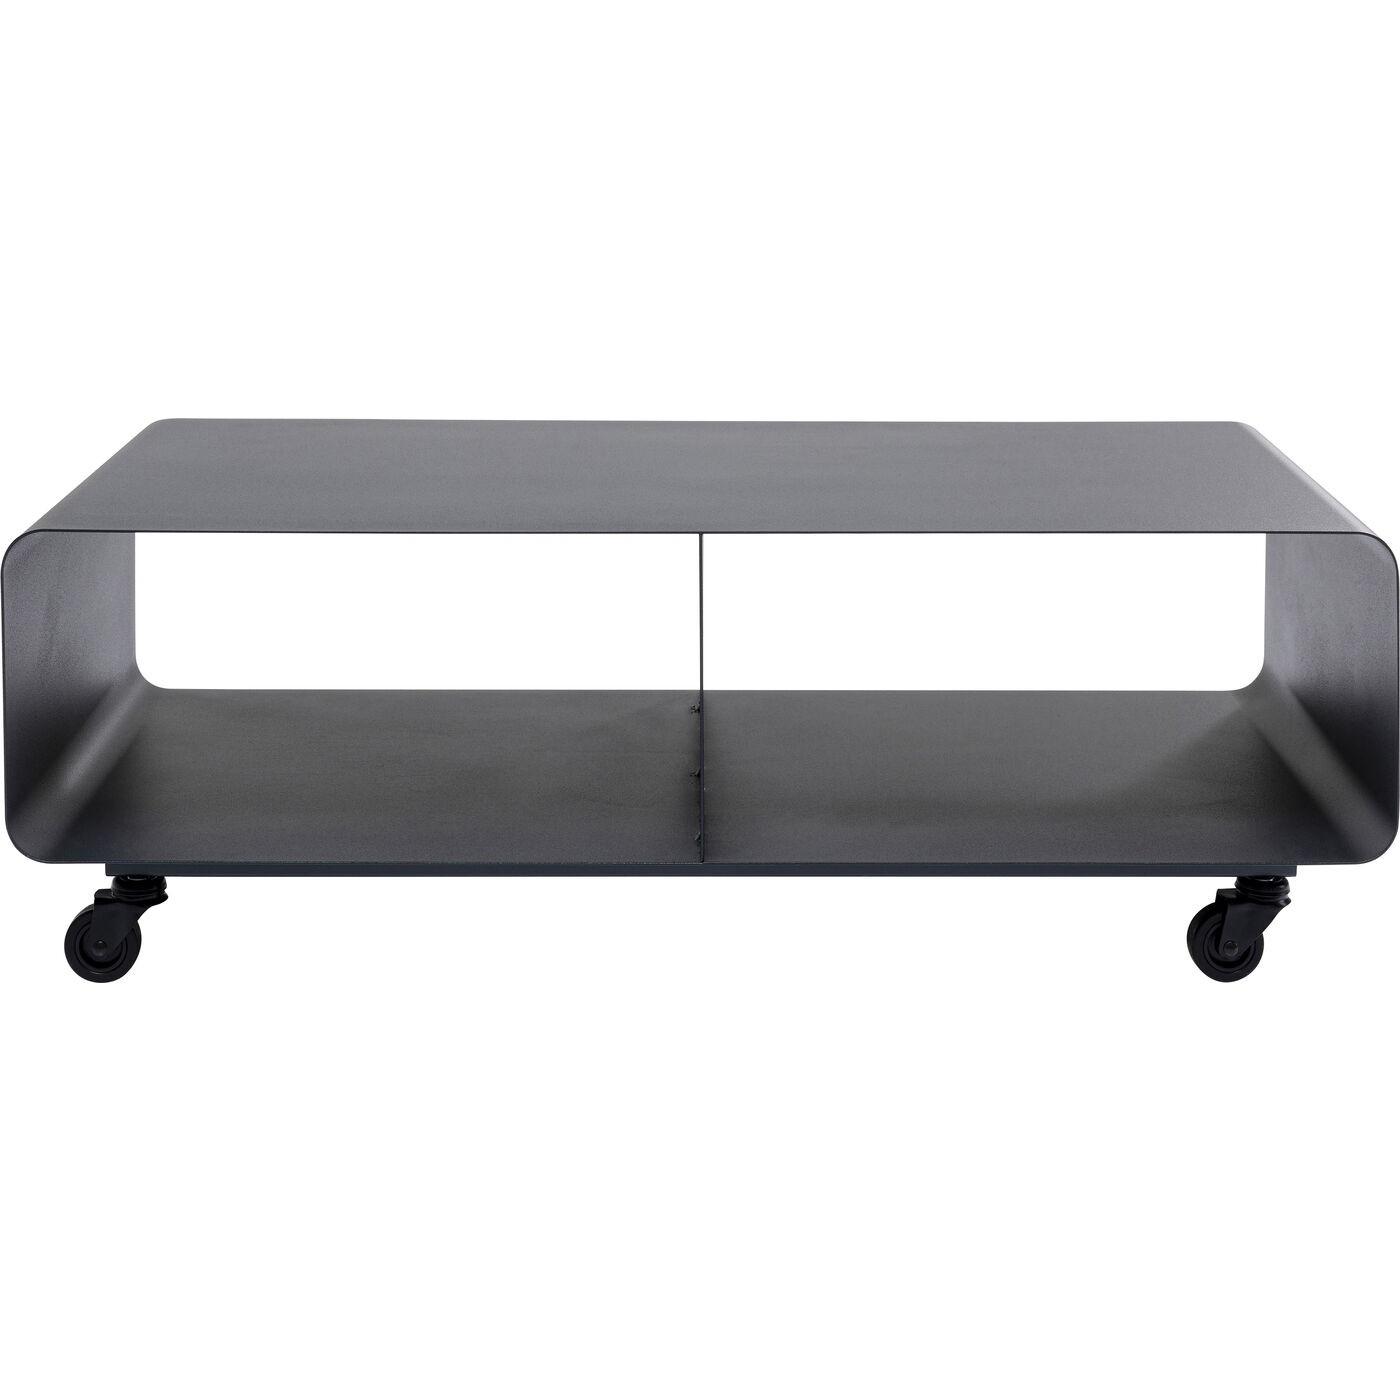 Meuble TV en acier gris anthracite